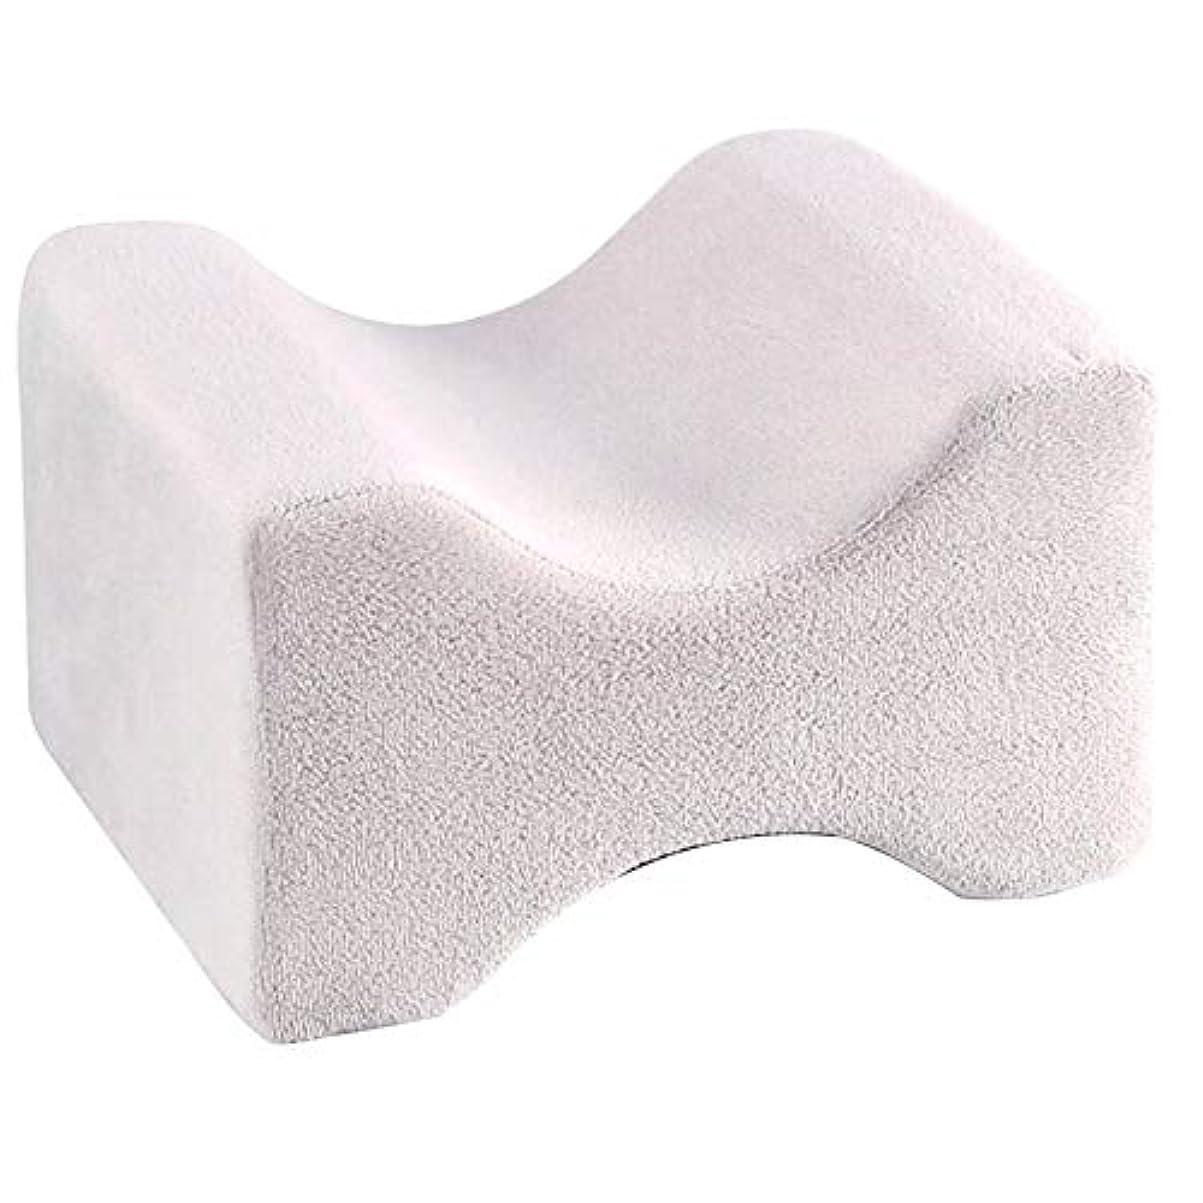 けん引ジャケットインターネットソフト枕膝枕クリップ足低反発ウェッジ遅いリバウンドメモリ綿クランプマッサージ枕用男性女性